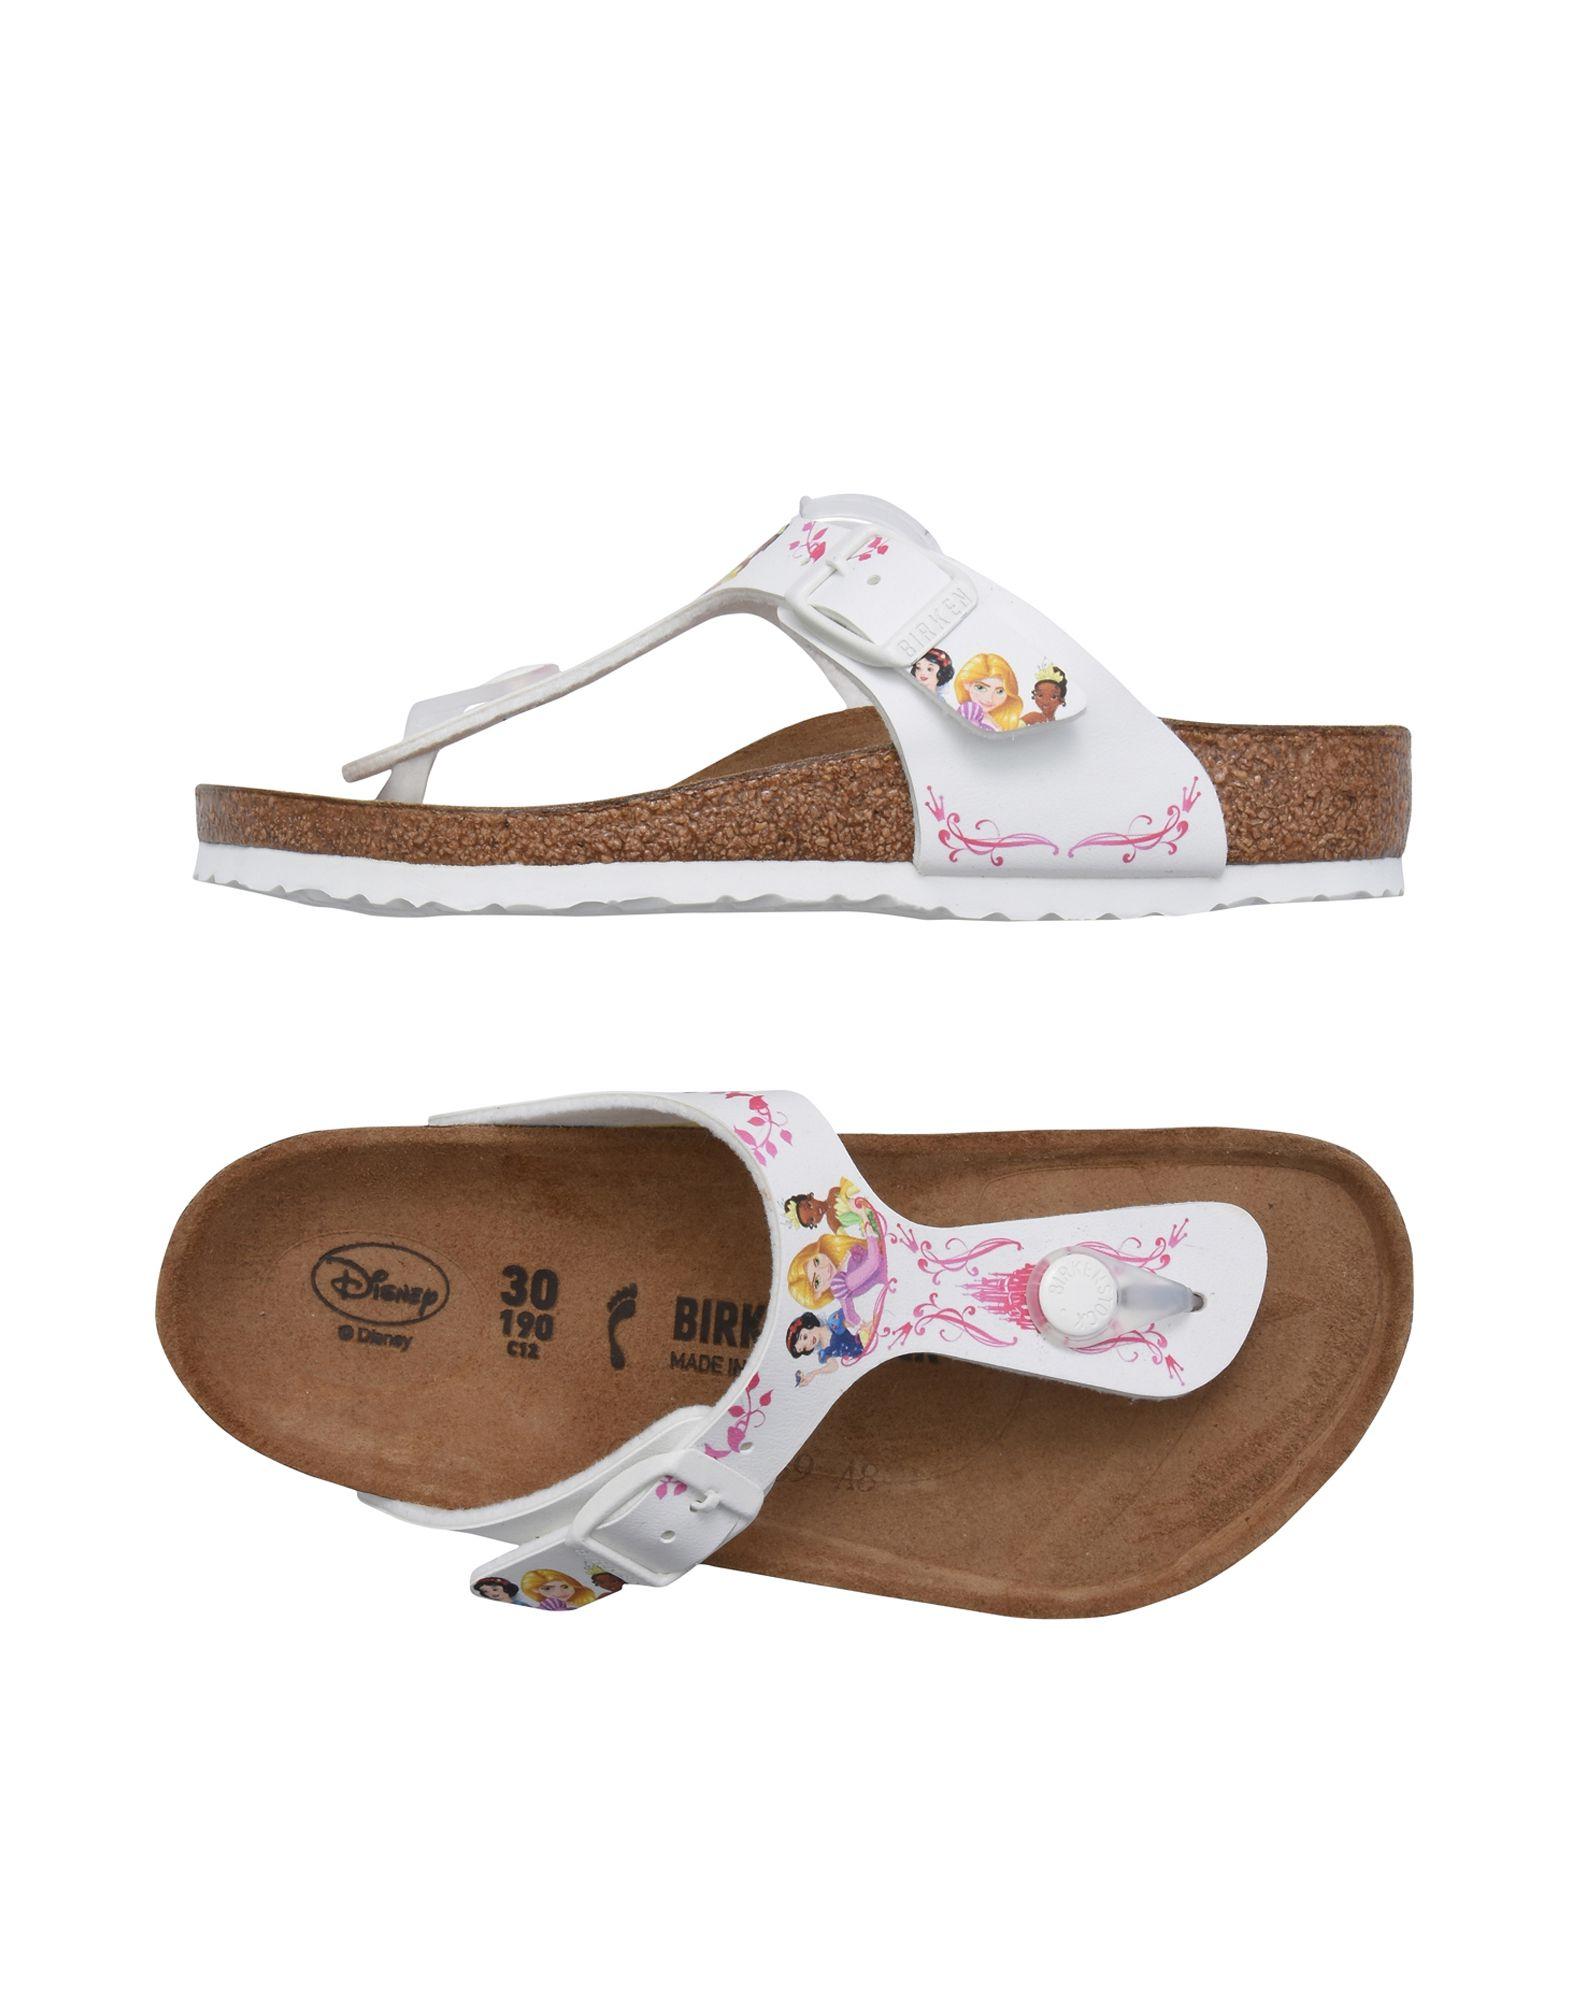 qualité gamme de couleurs exceptionnelle check-out BIRKENSTOCK Tongs - Chaussures   YOOX.COM